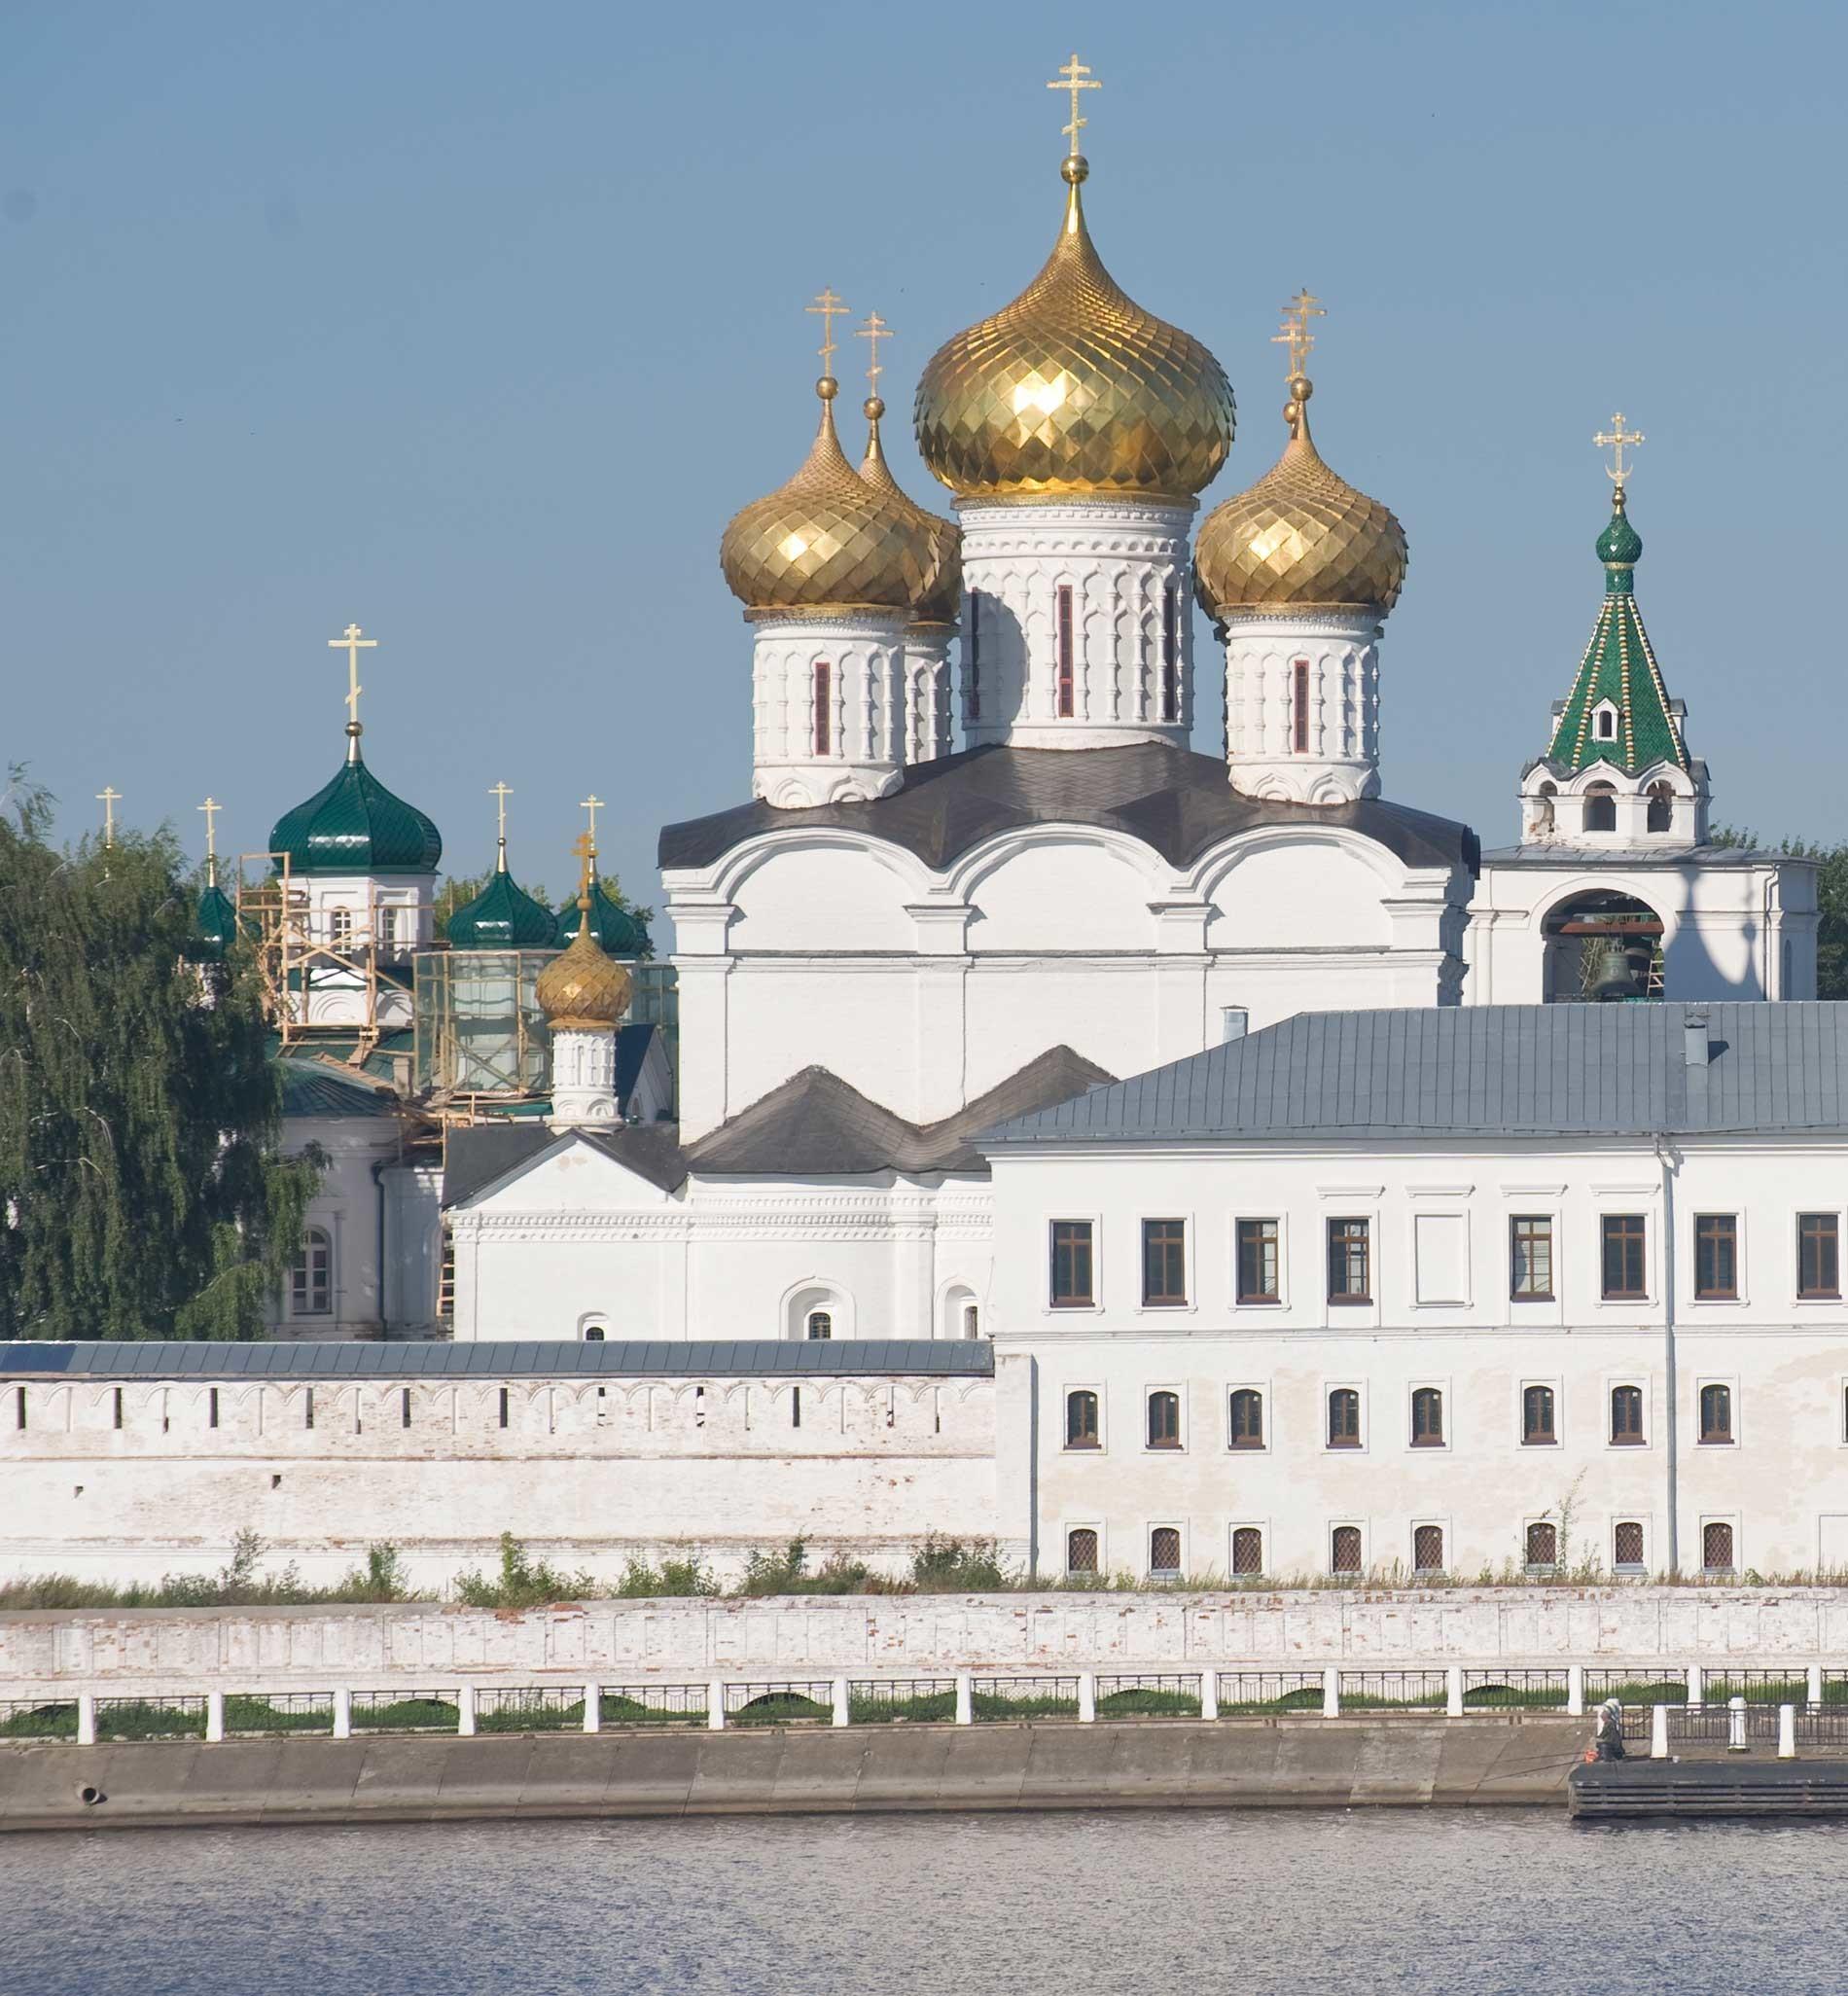 Monasterio Ipátiev. De izquierda a derecha: catedral de la Natividad de la Virgen; catedral de la Trinidad; campanario. Vista al este sobre el río Kostromá. Verano de 2017.